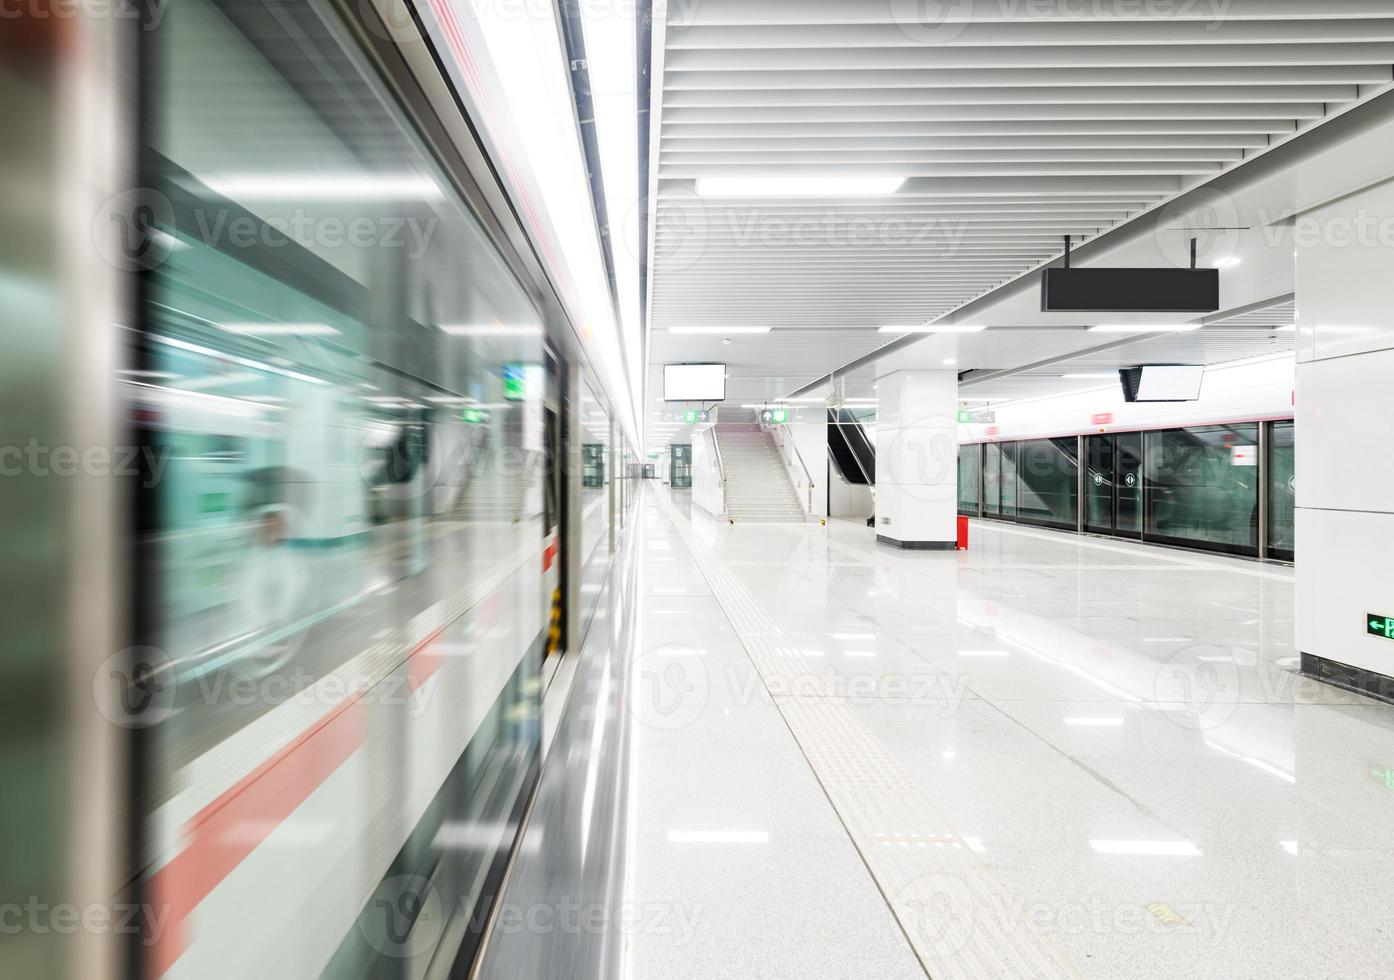 treno in rapido movimento alla stazione della metropolitana foto